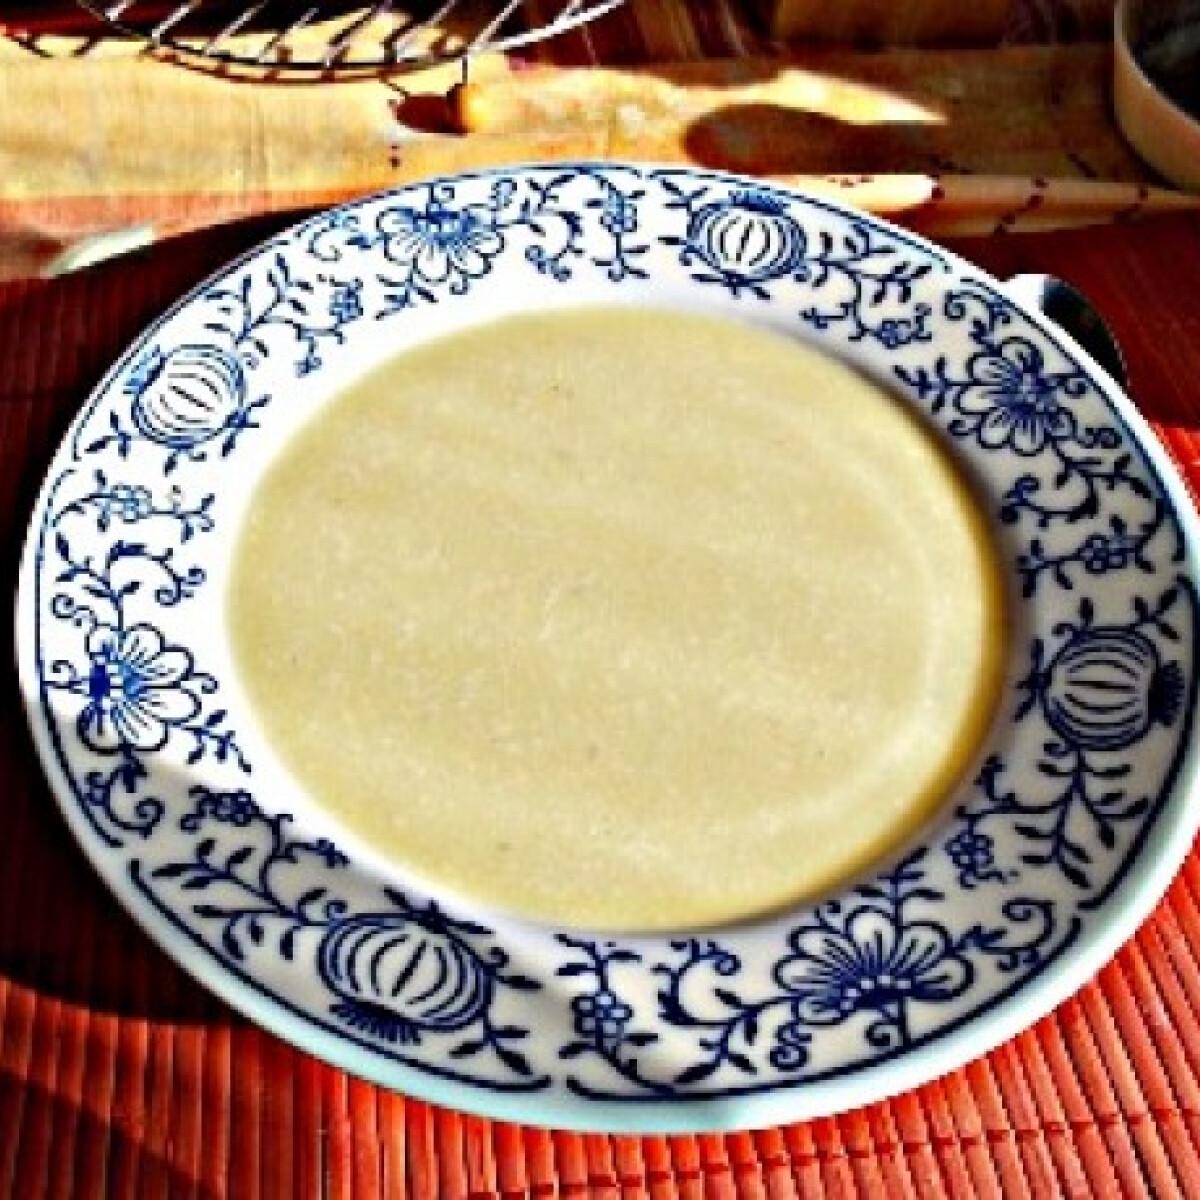 Ezen a képen: Sajtos-fokhagymás burgonyakrémleves